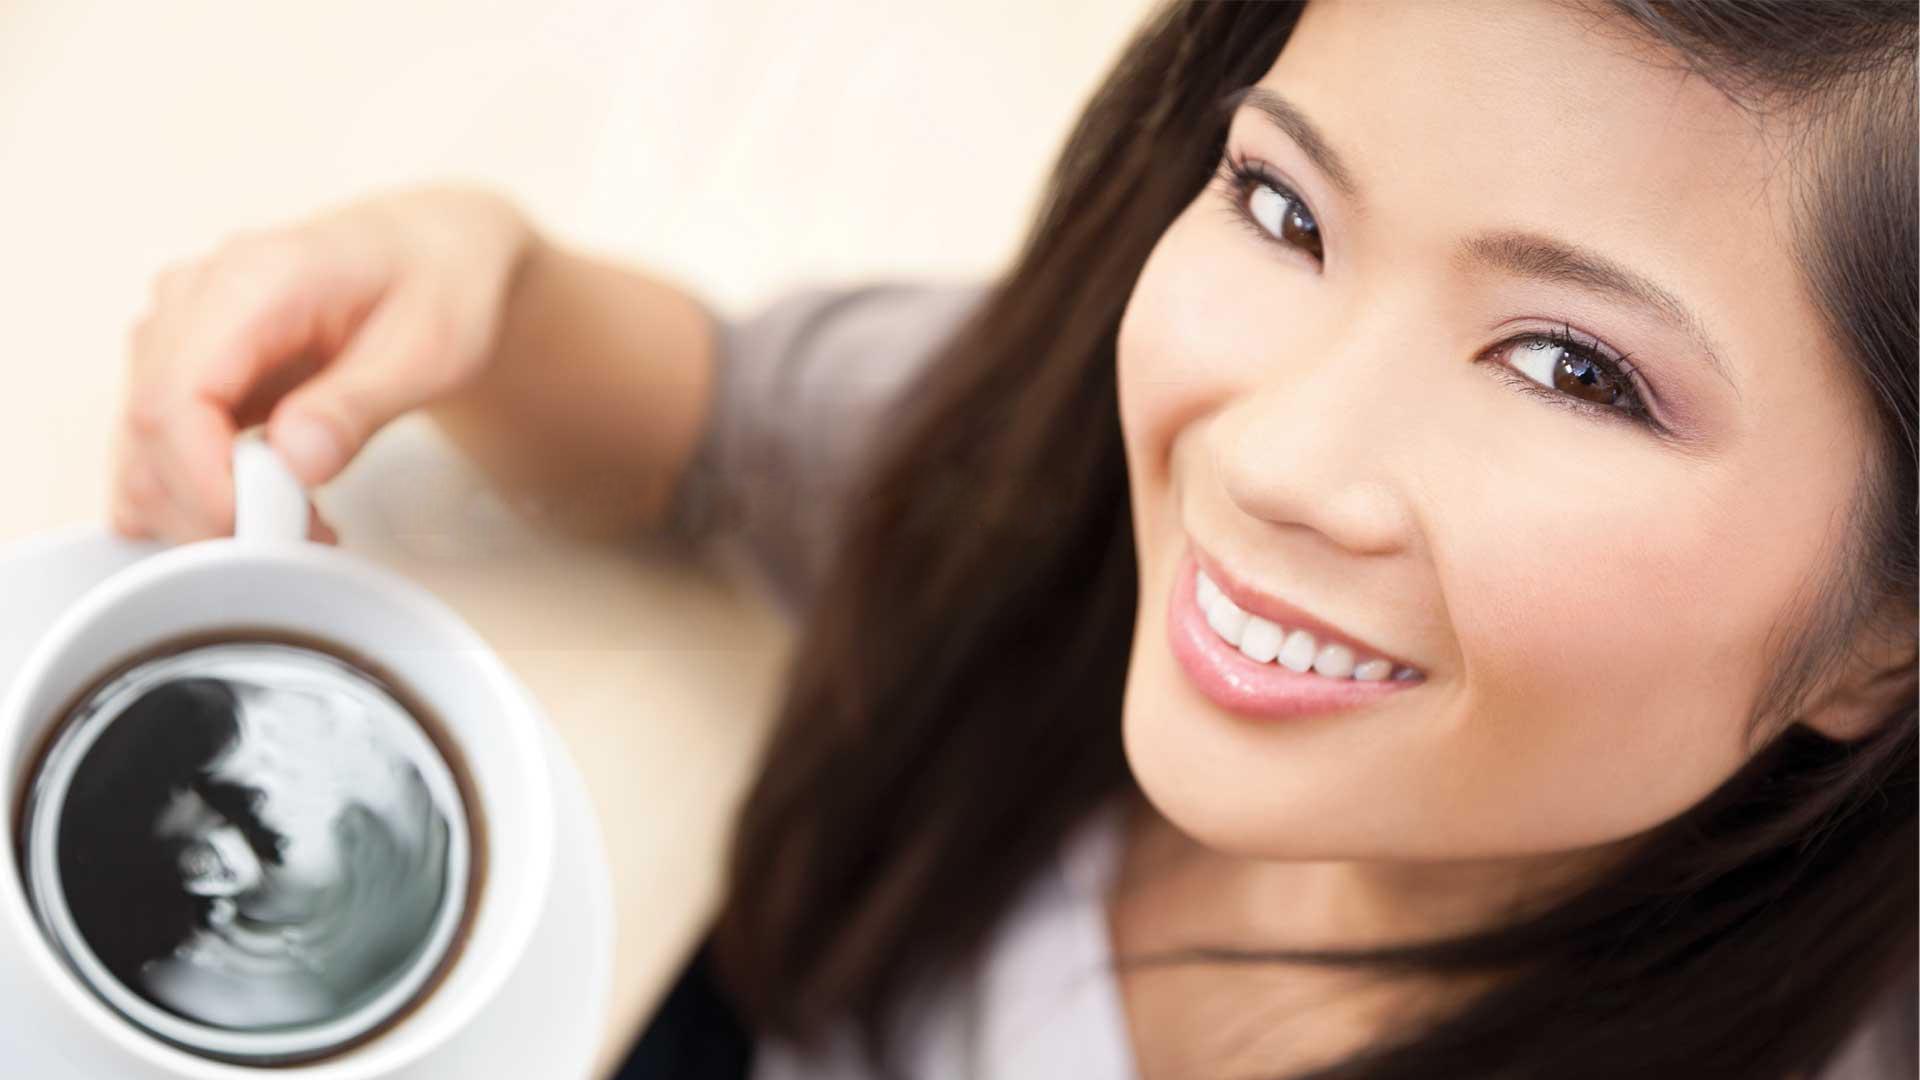 Hướng dẫn cách phân biệt nhanh nhất cà phê thật và cà phê từ hóa chất, bắp rang